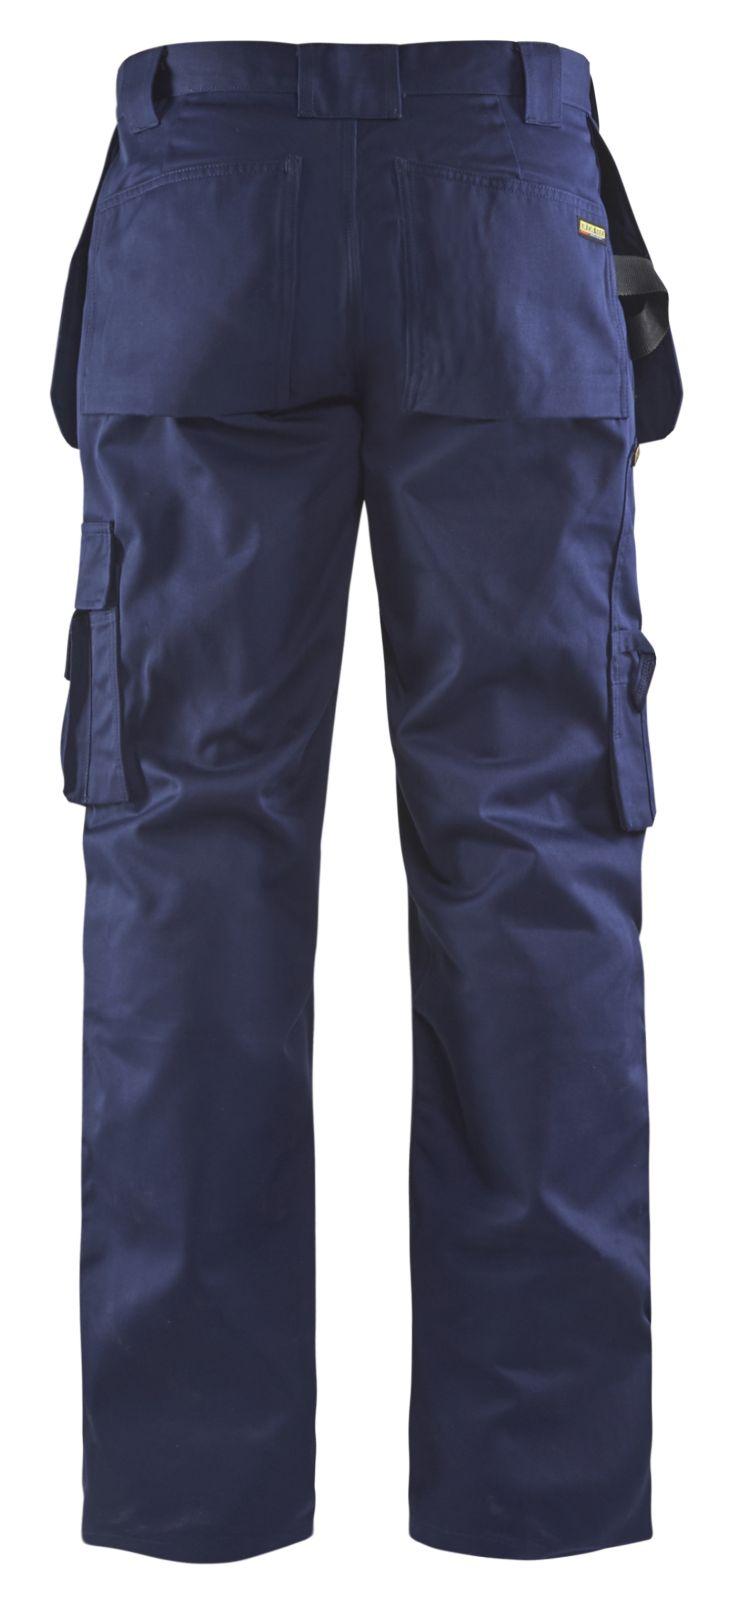 Blaklader Ambacht Werkbroeken- kniezakken- spijkerzakken 15301860 Polyester- katoen- Cordura donkerblauw(8900)